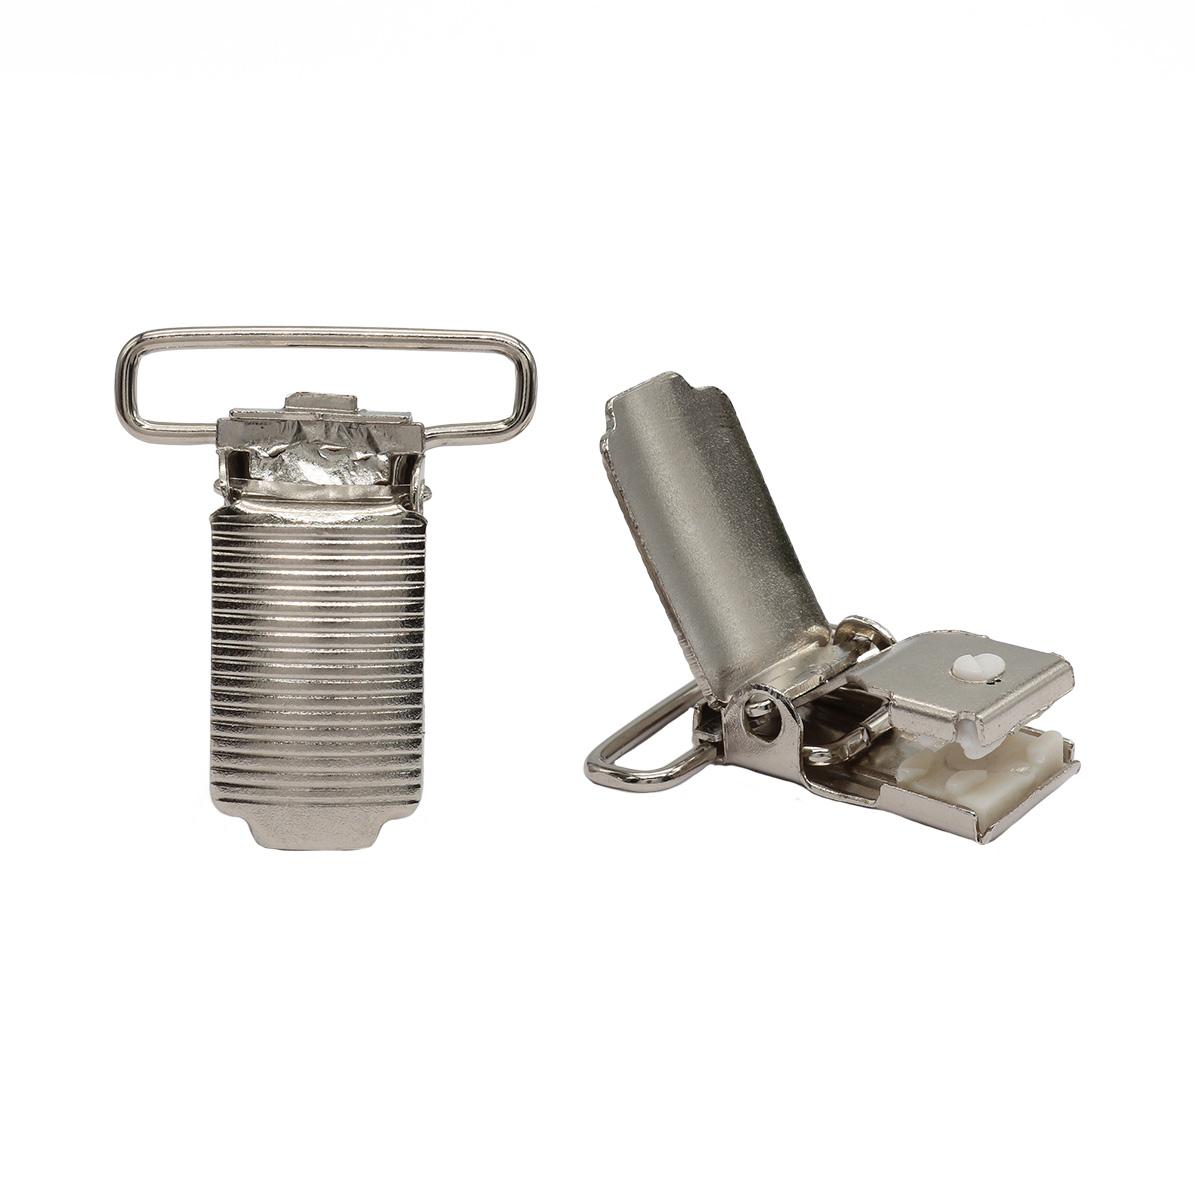 Клипса для подтяжек 'полоса' 25 мм, сталь